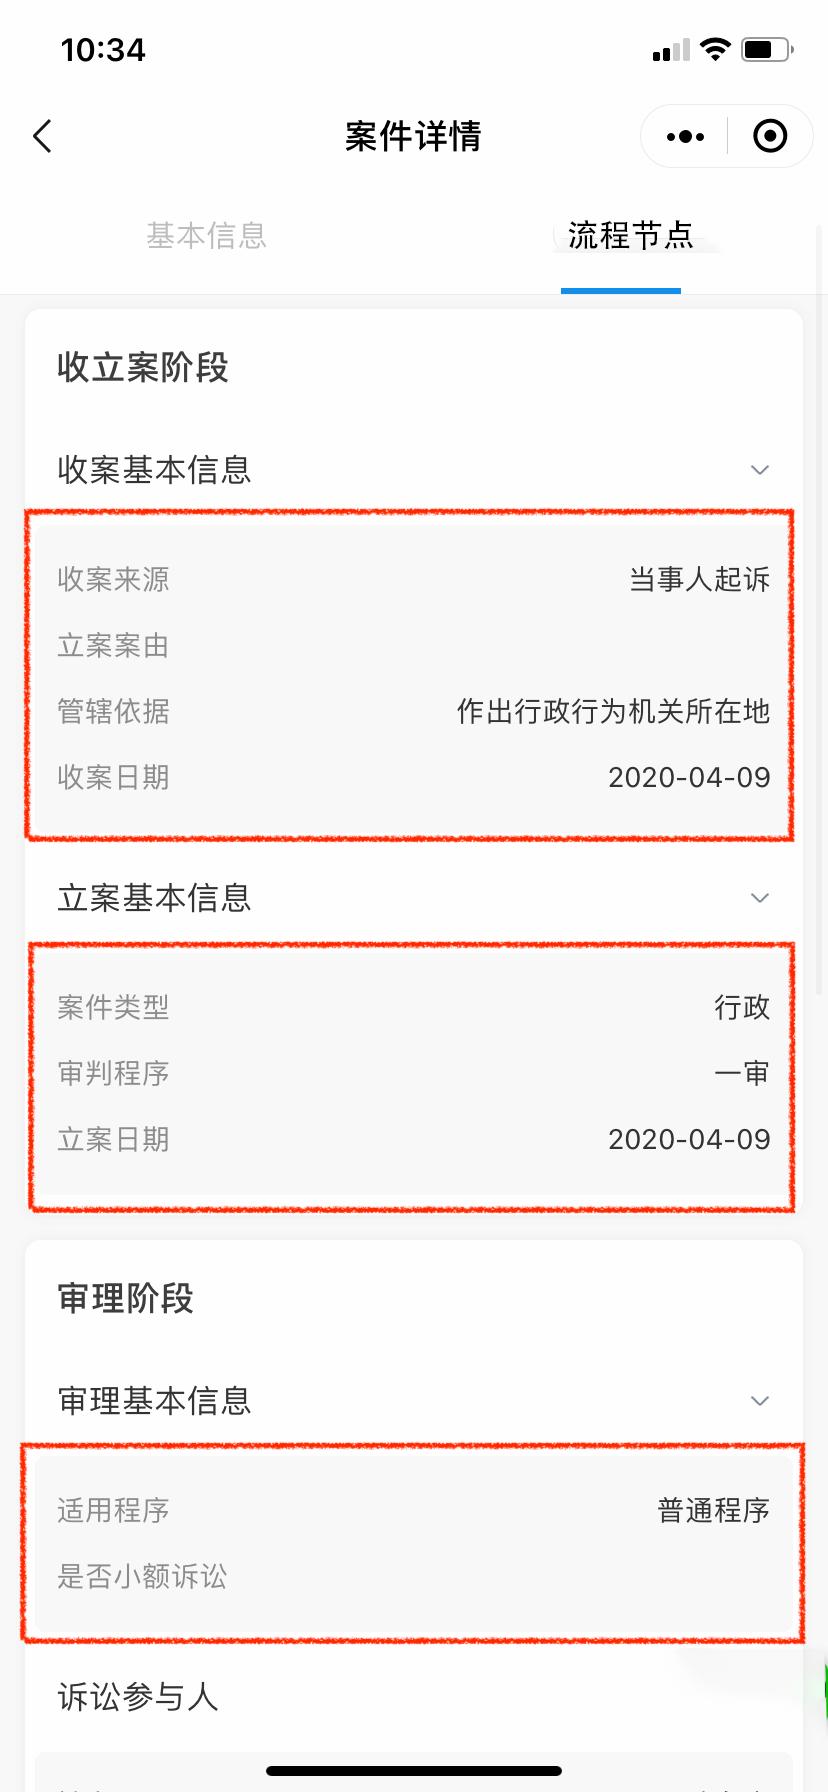 浙江法院电子卷宗查阅下载操作指南